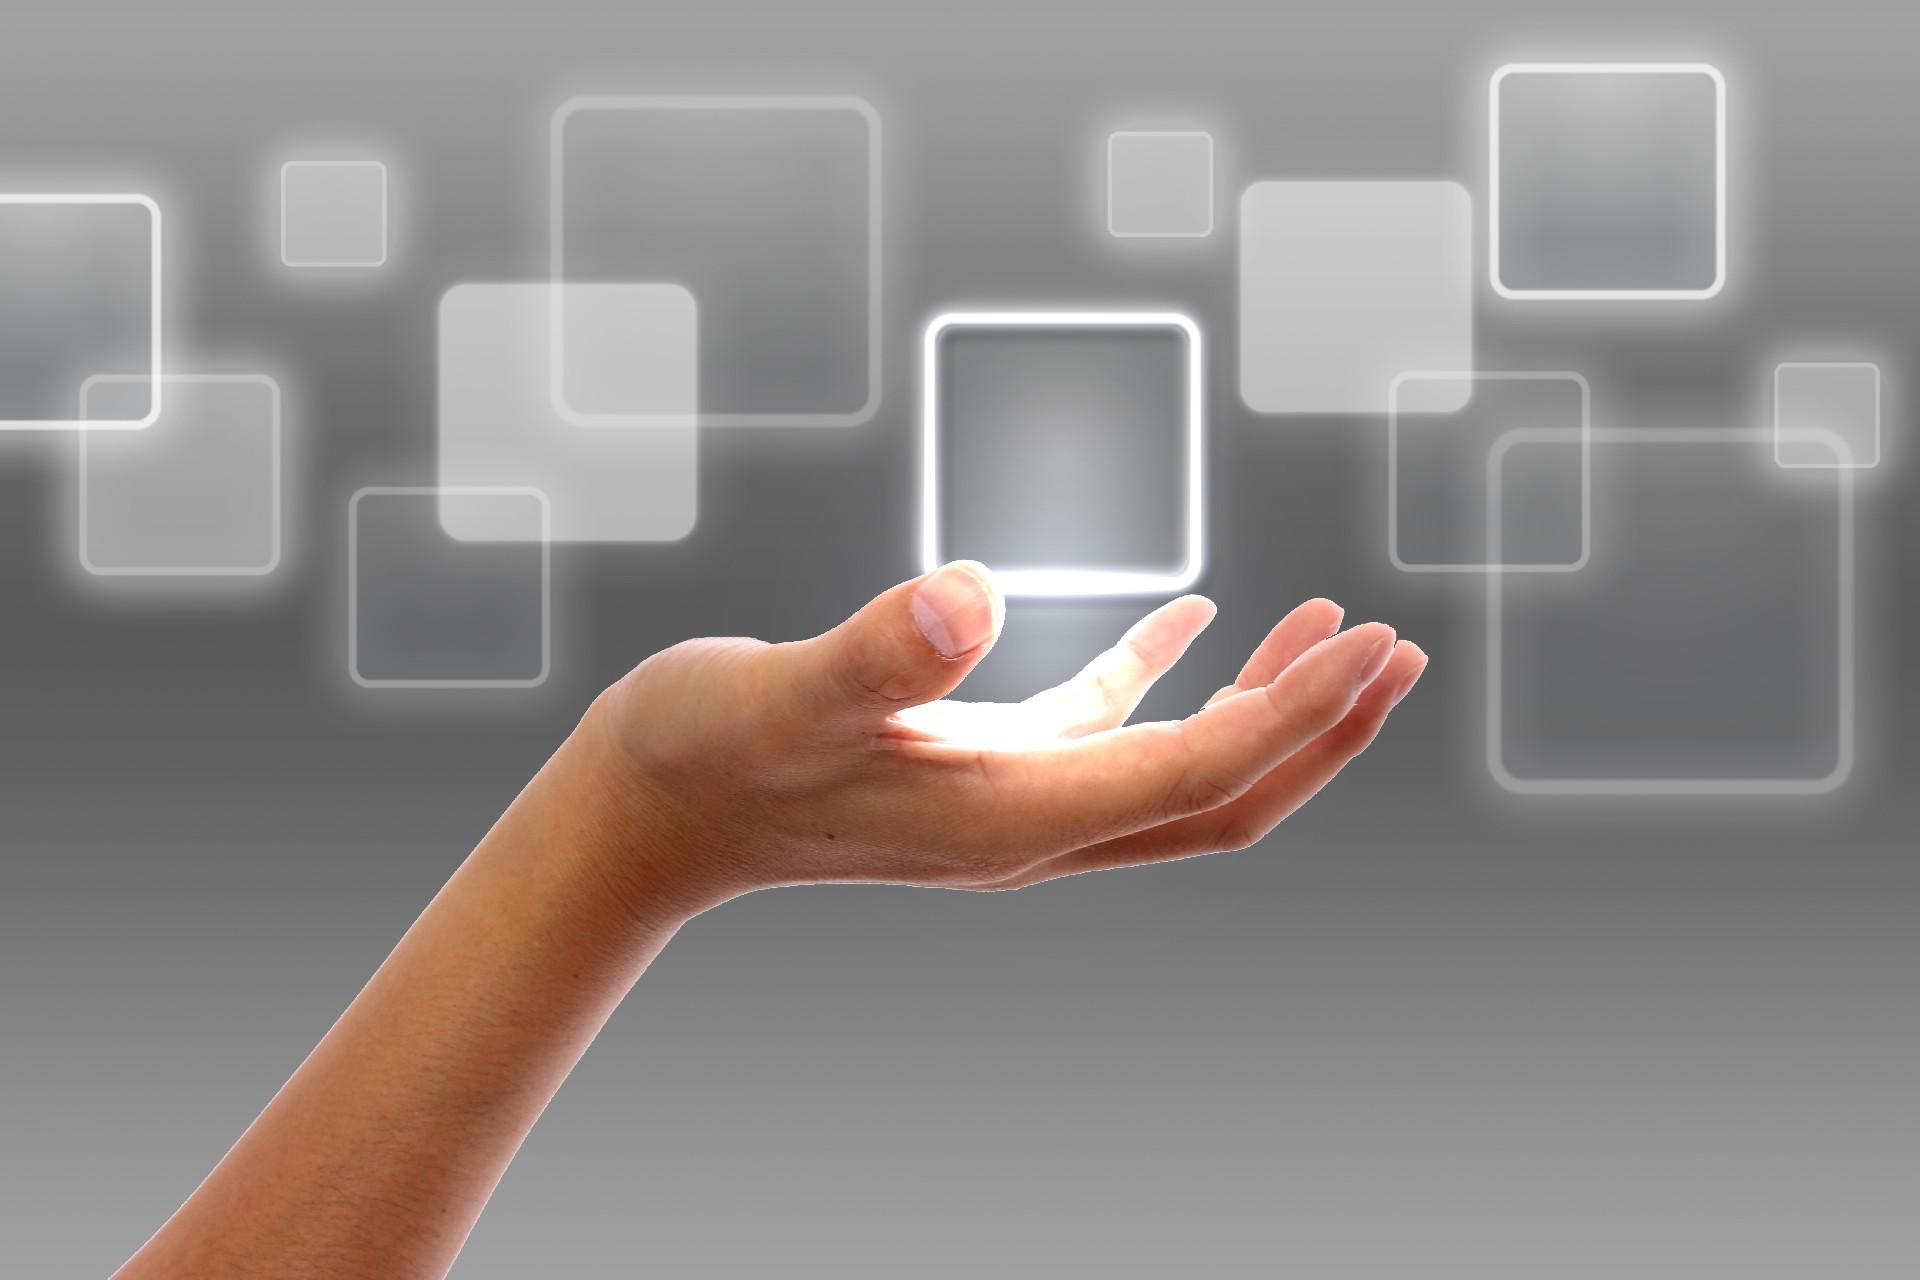 ヤフーで特定カテゴリーに興味や関心を持つユーザーのみの表示できる広告の出稿が可能に